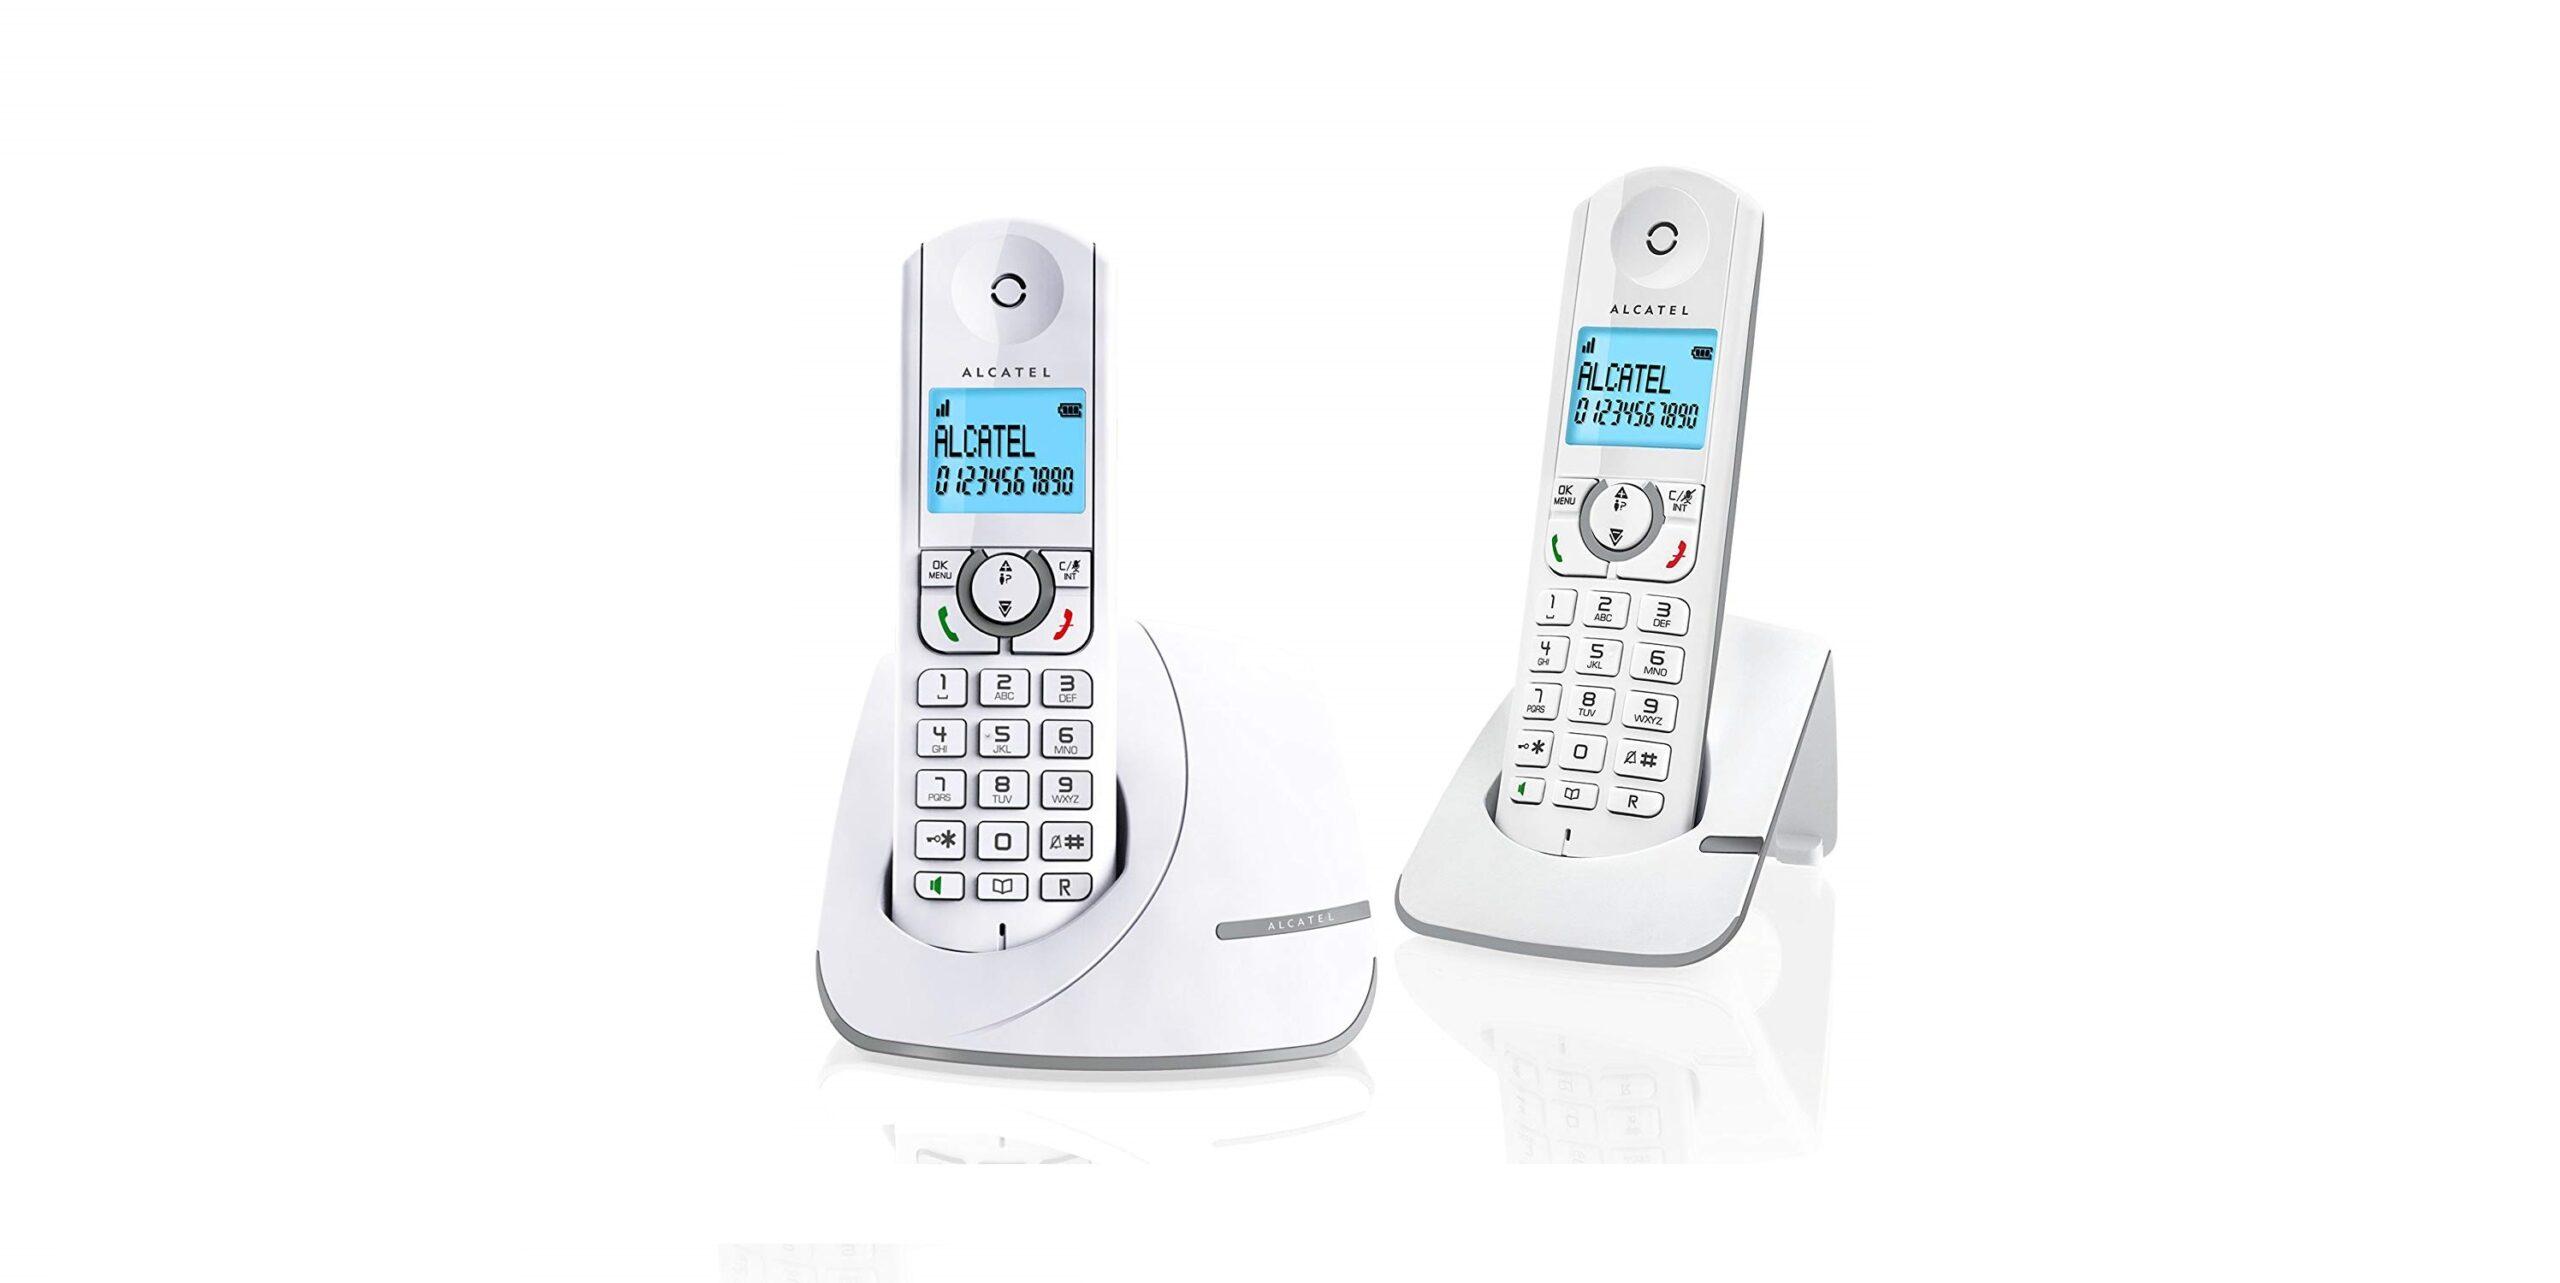 ca2d40e8e0479f Meilleur téléphone fixe sans fil   Le comparatif d Adonautes 2019